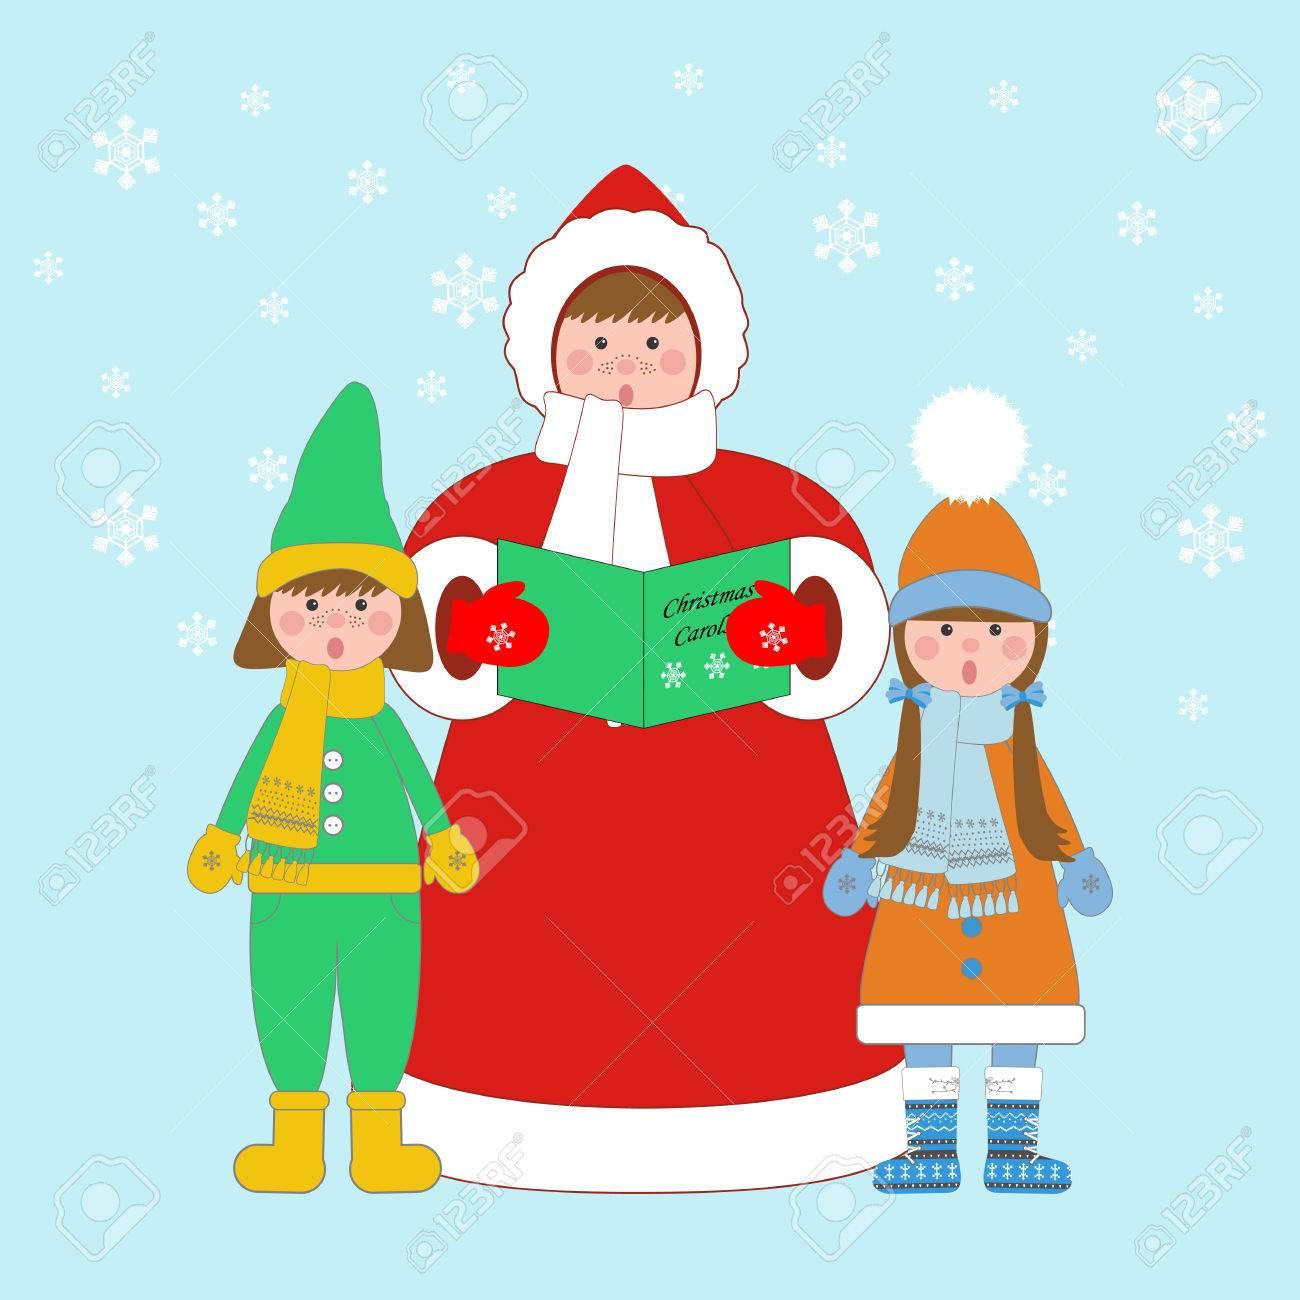 Weihnachtslieder Sänger Auf Dem Blauen Hintergrund. Vektor ...